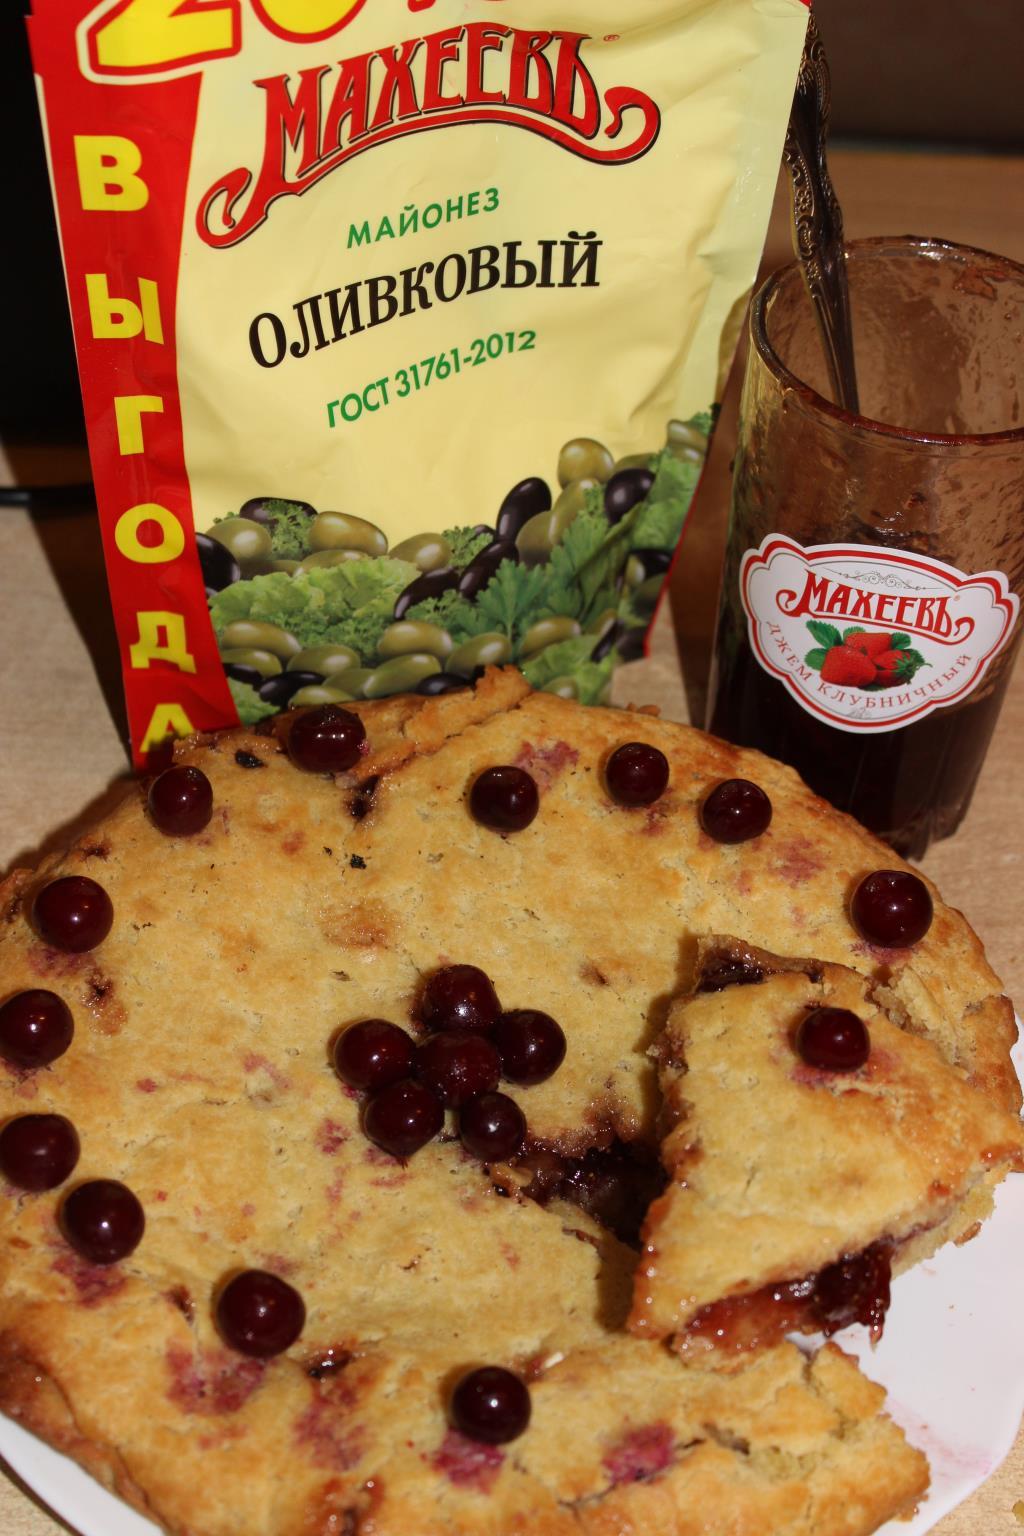 Пирог с майонезом и начинкой из джема